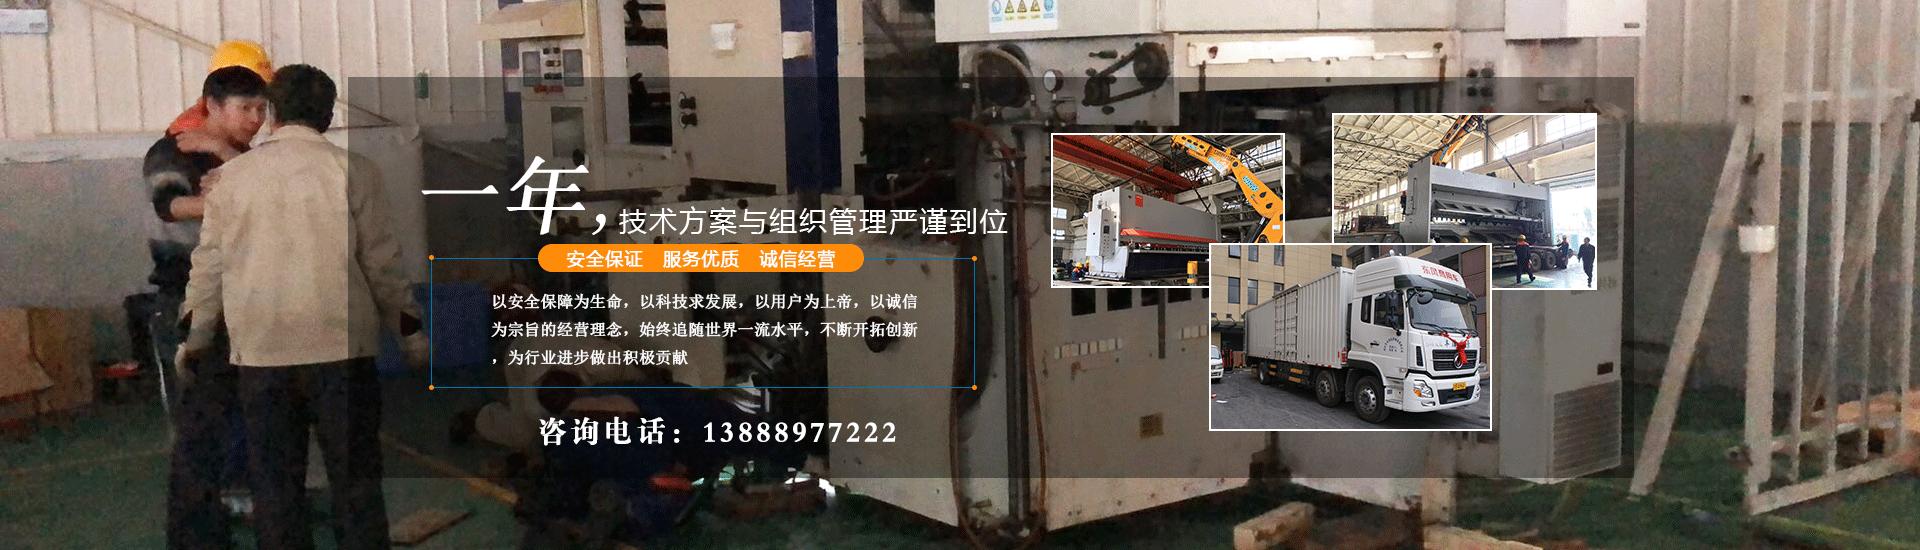 云南大型机械搬运